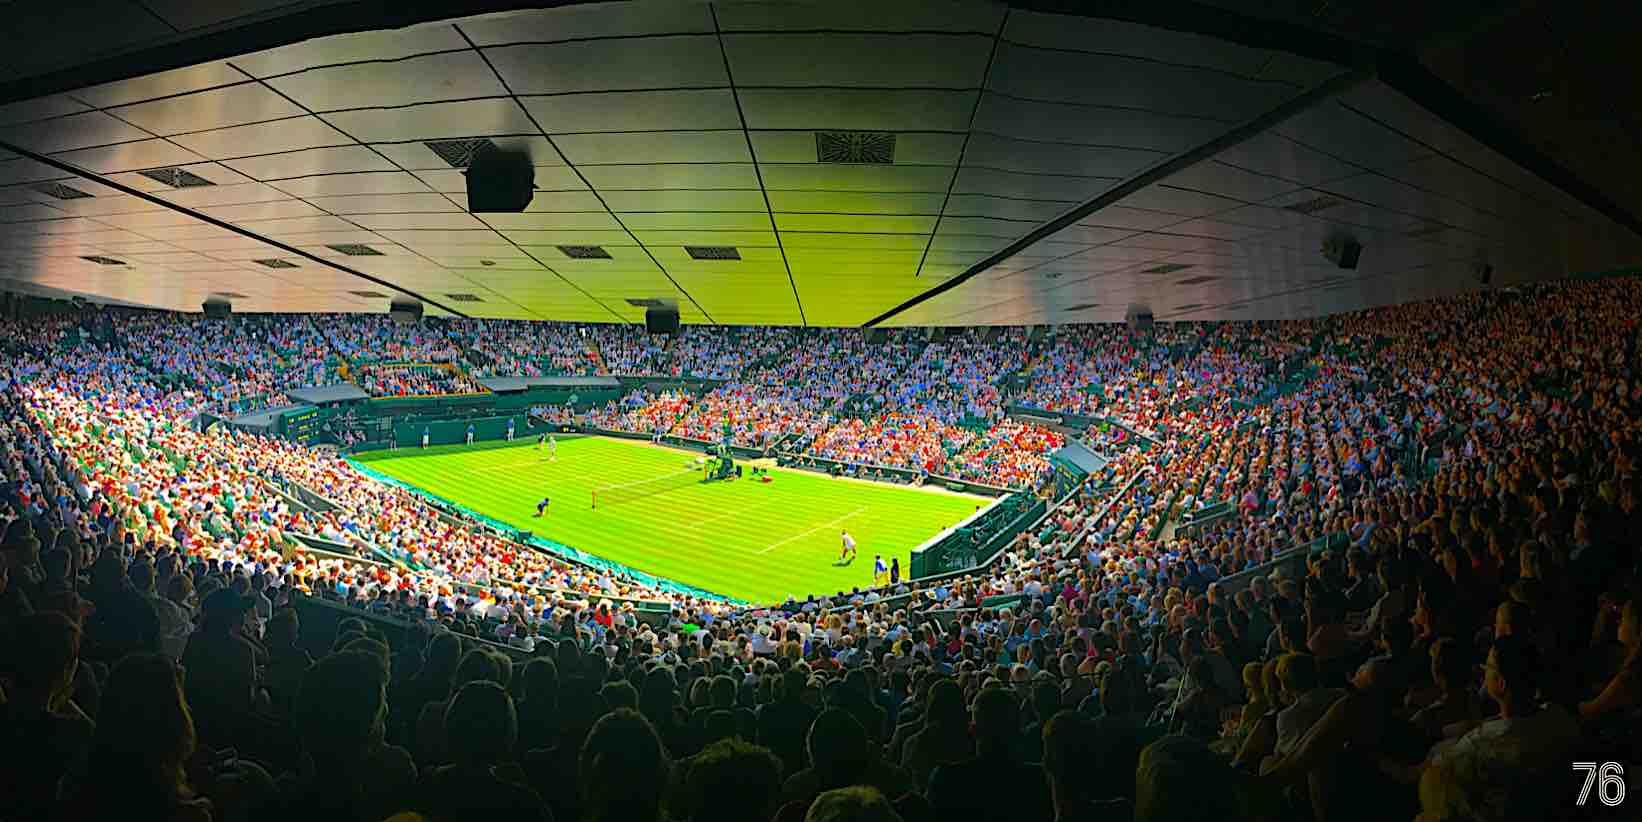 La fortuna del sorteggio: Wimbledon 2019 - settesei.it